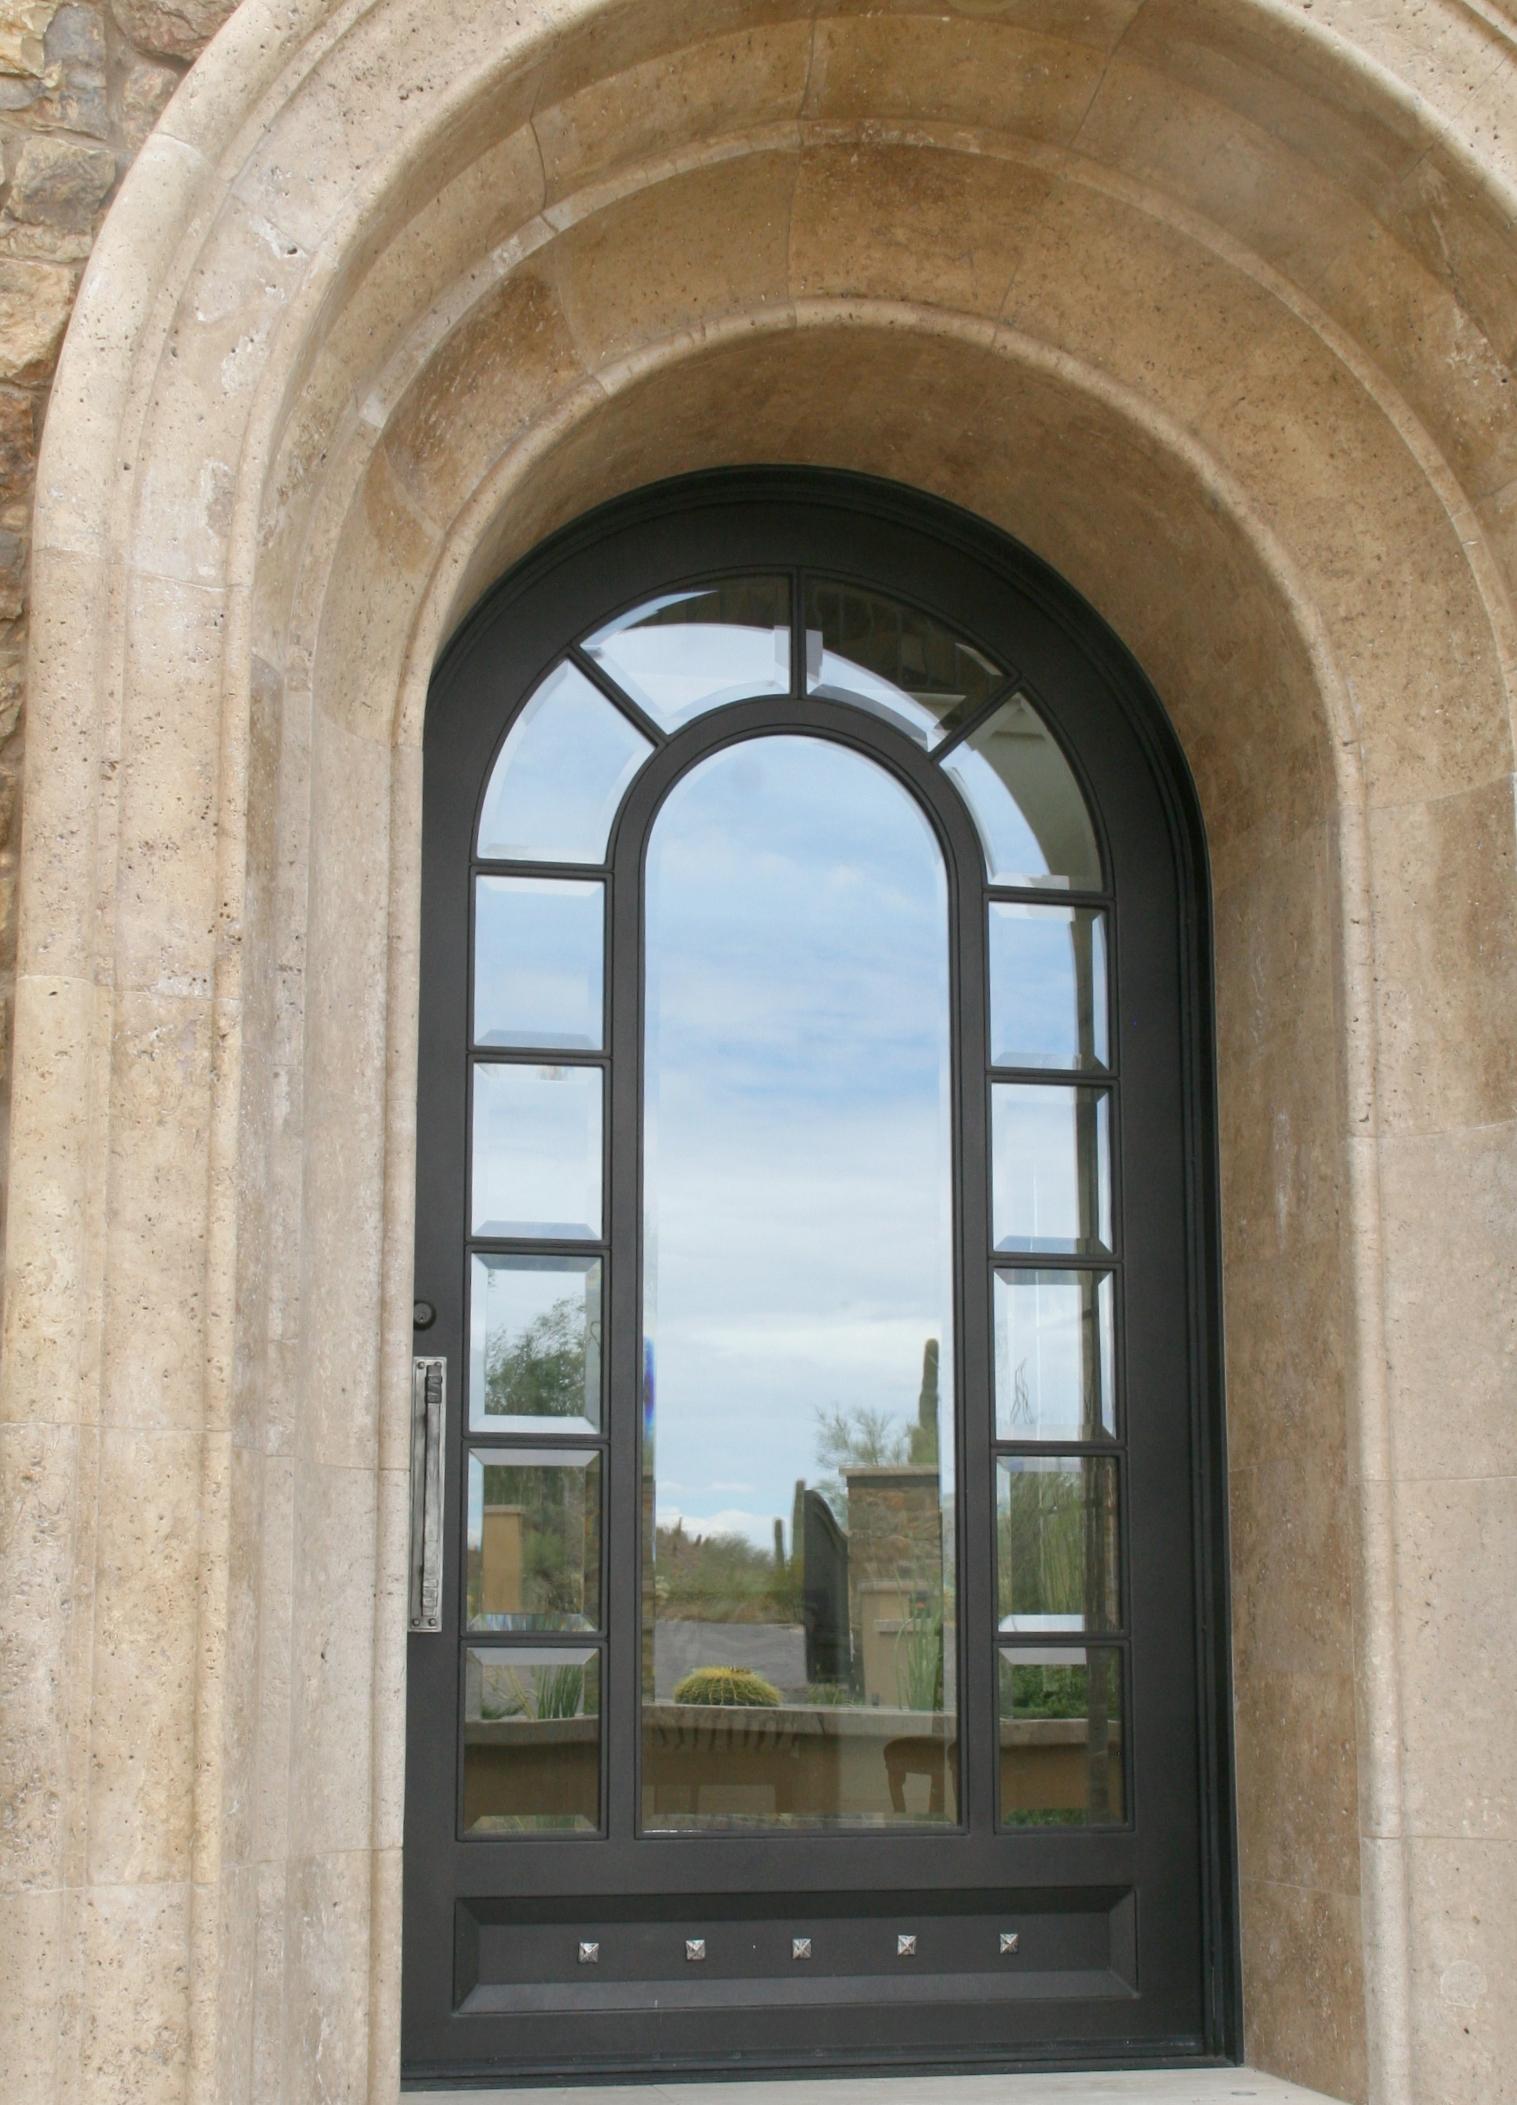 STEEL AND GLASS DOOR 16